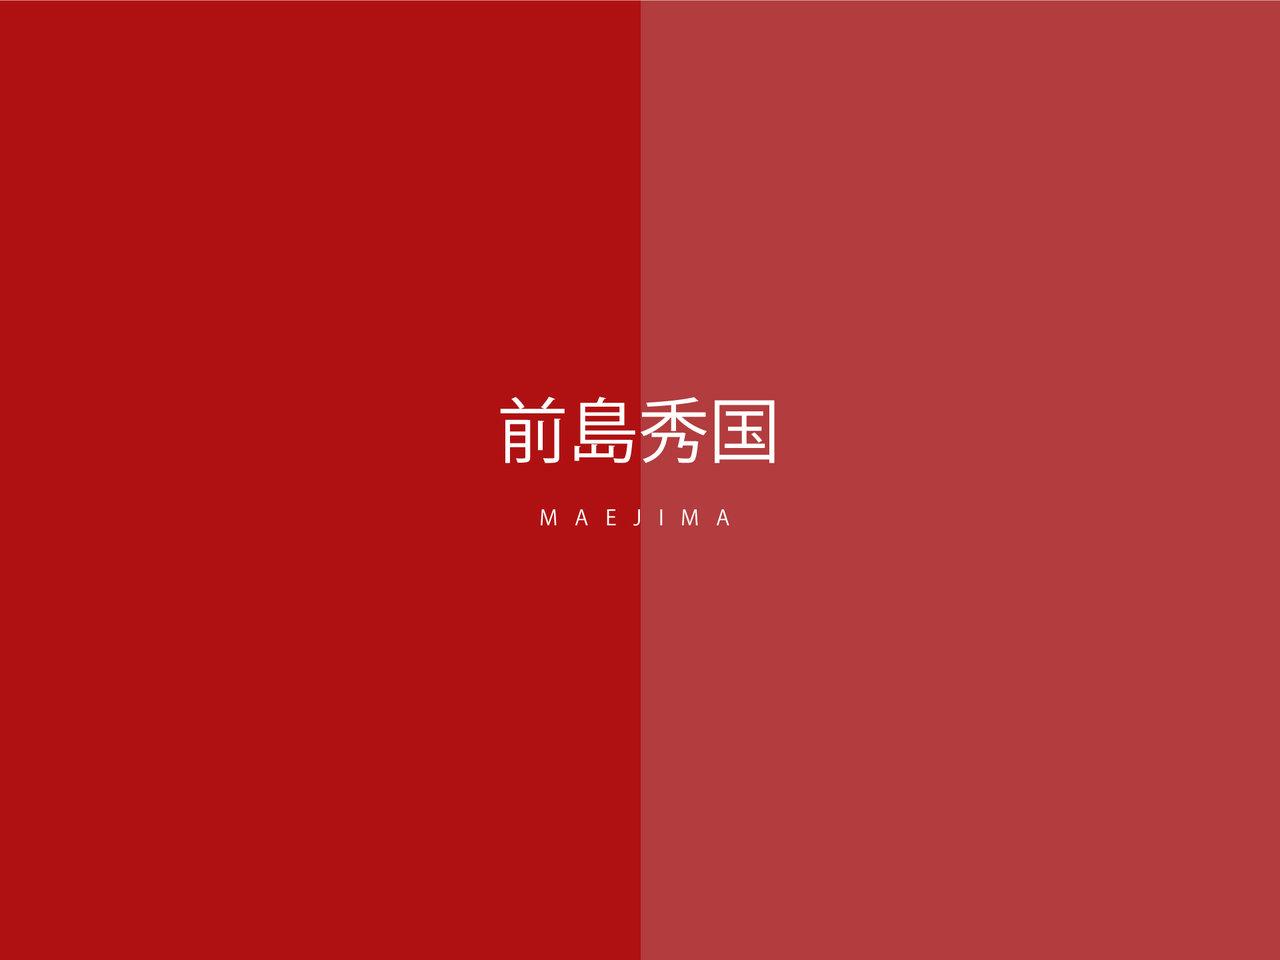 下野竜也指揮 読響第594回定期演奏会 上野耕平(サックス)